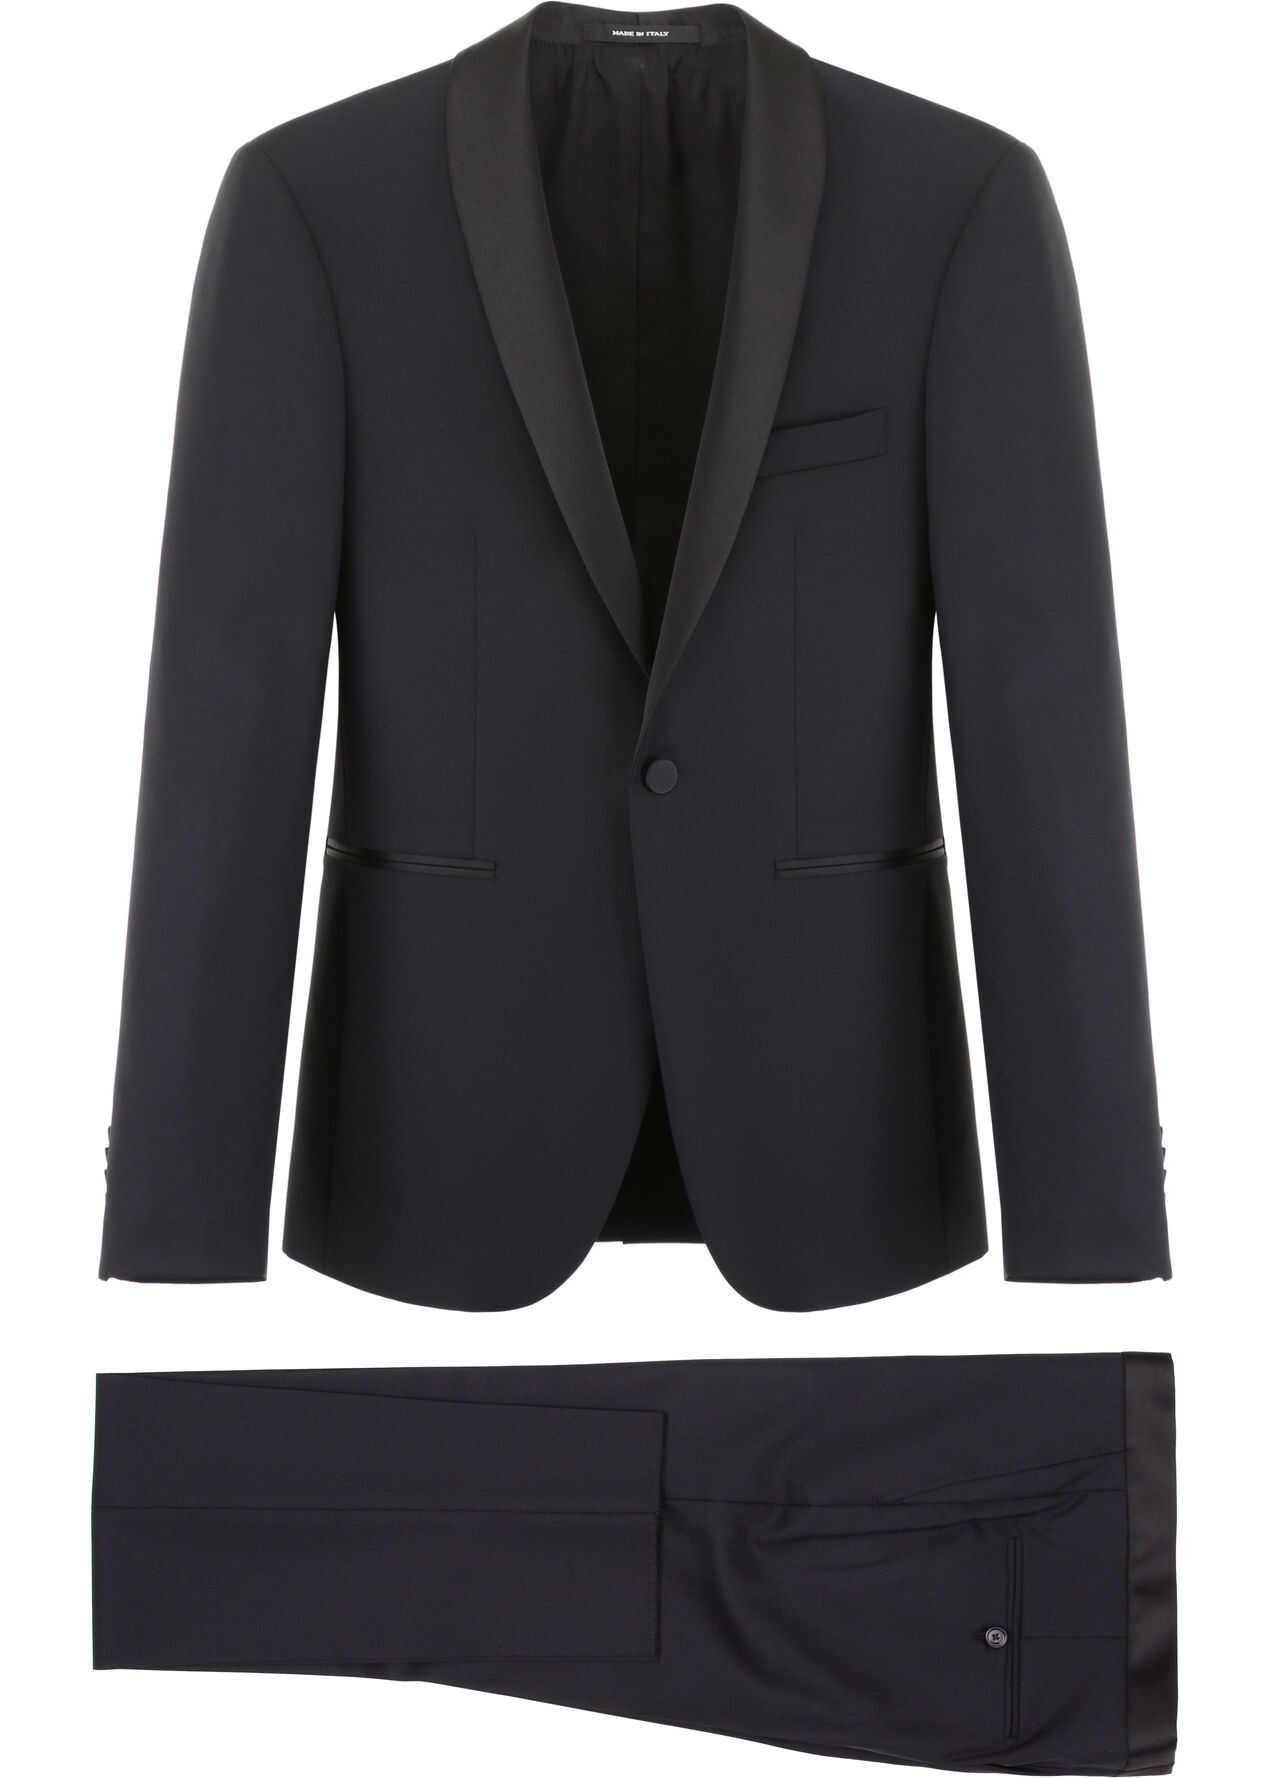 Tagliatore Two-Piece Suit BLACK